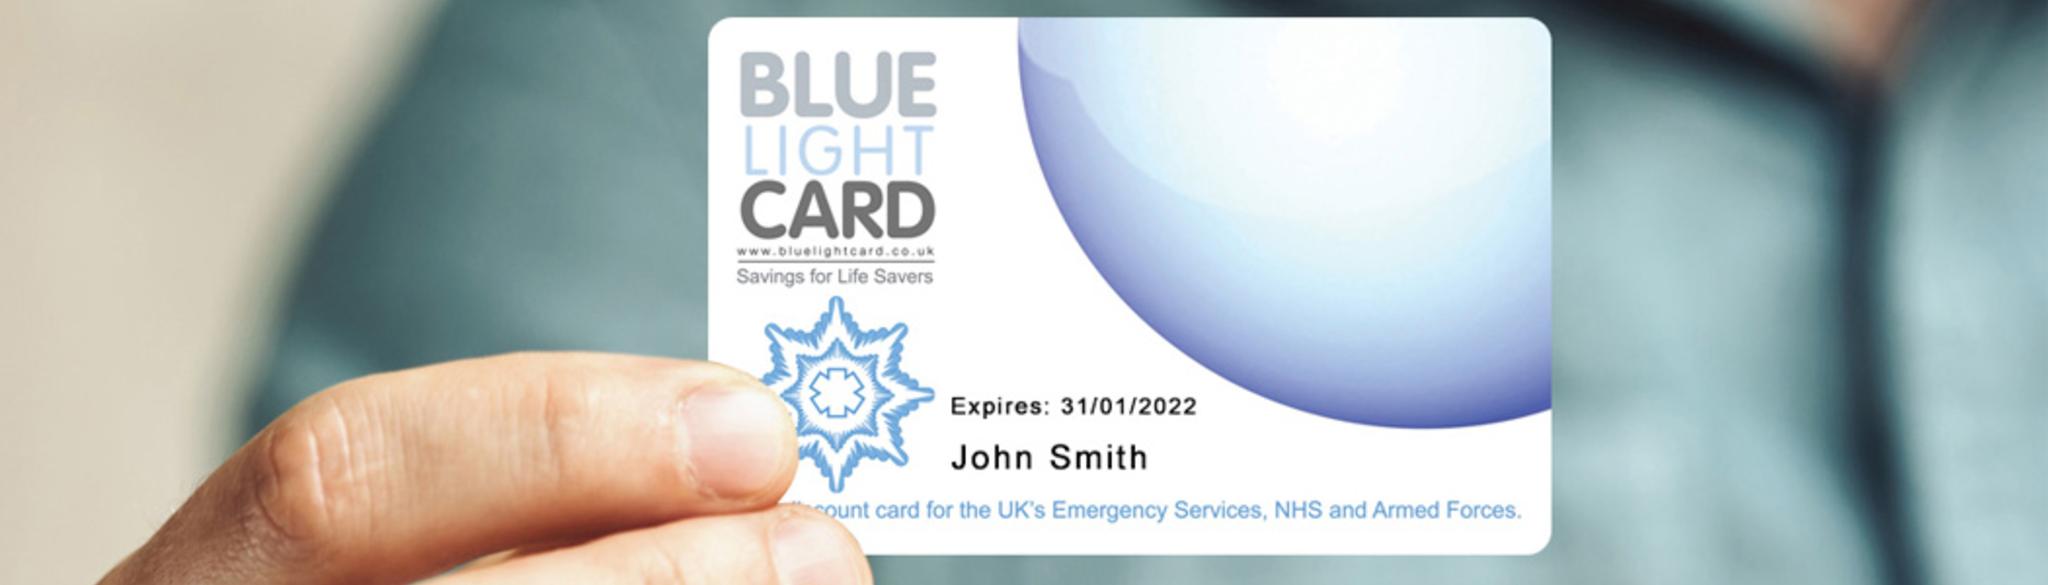 Blue light card (1)